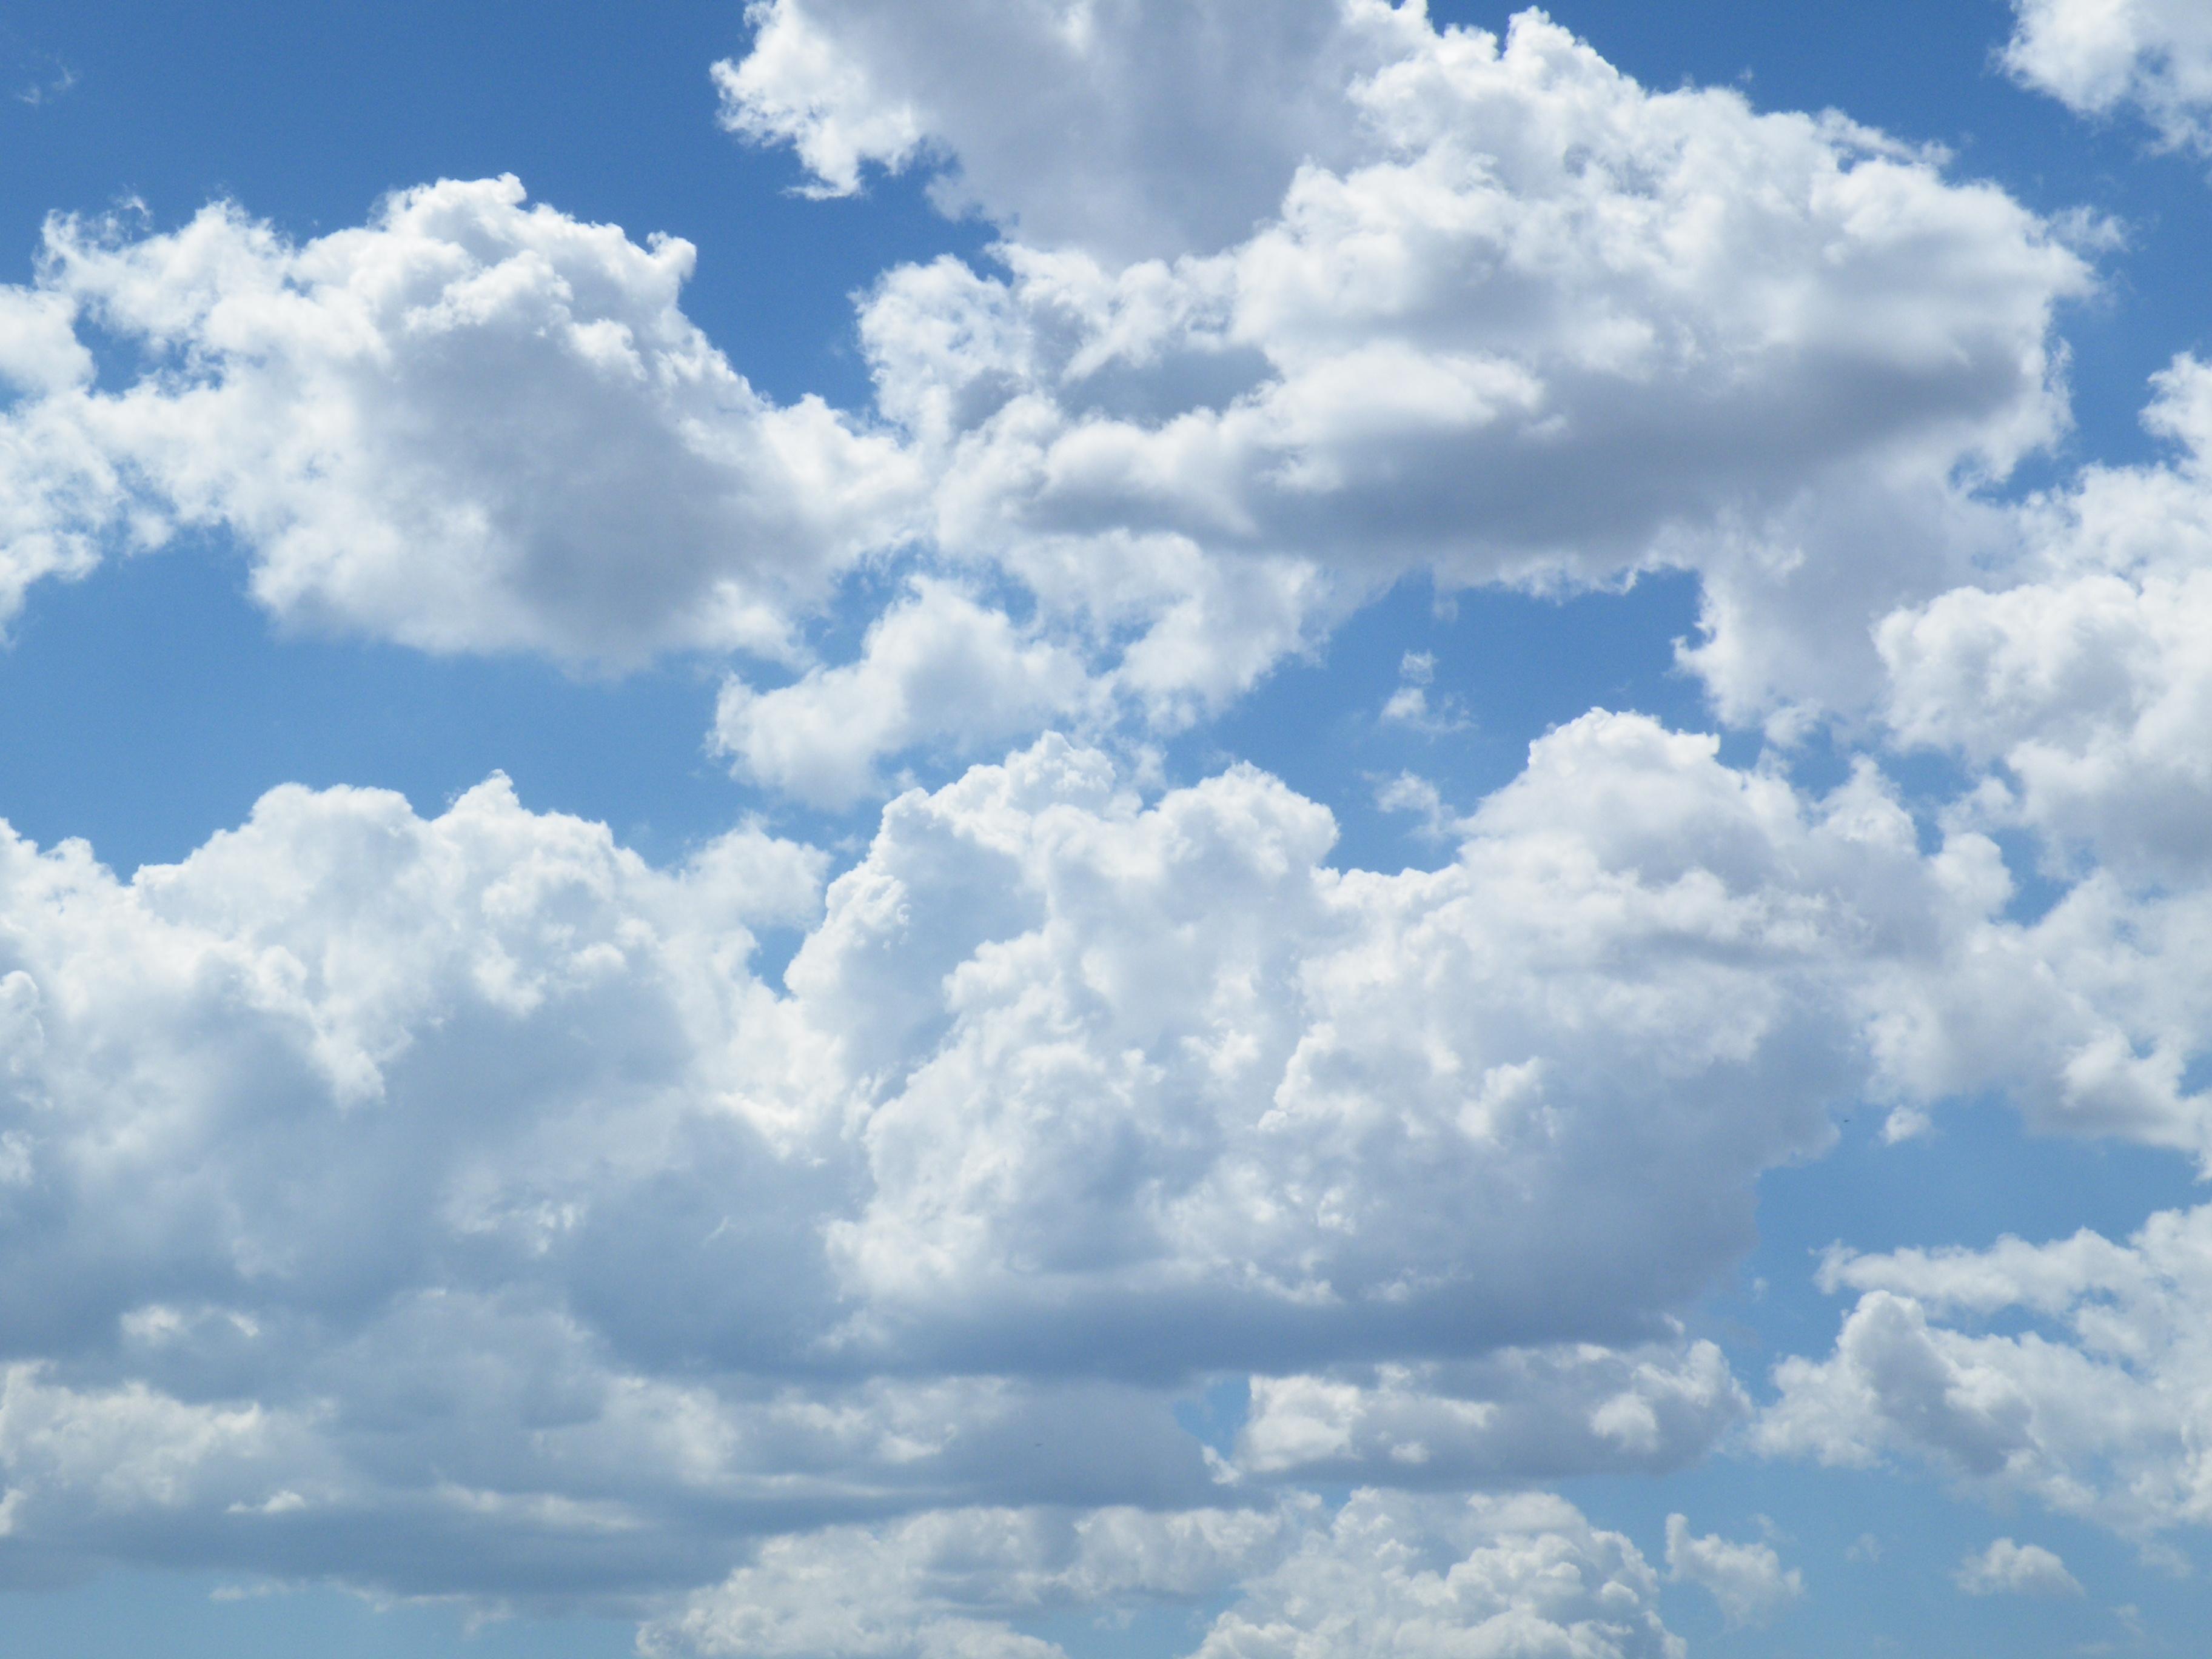 Hình ảnh mây trắng cực kỳ đẹp mắt